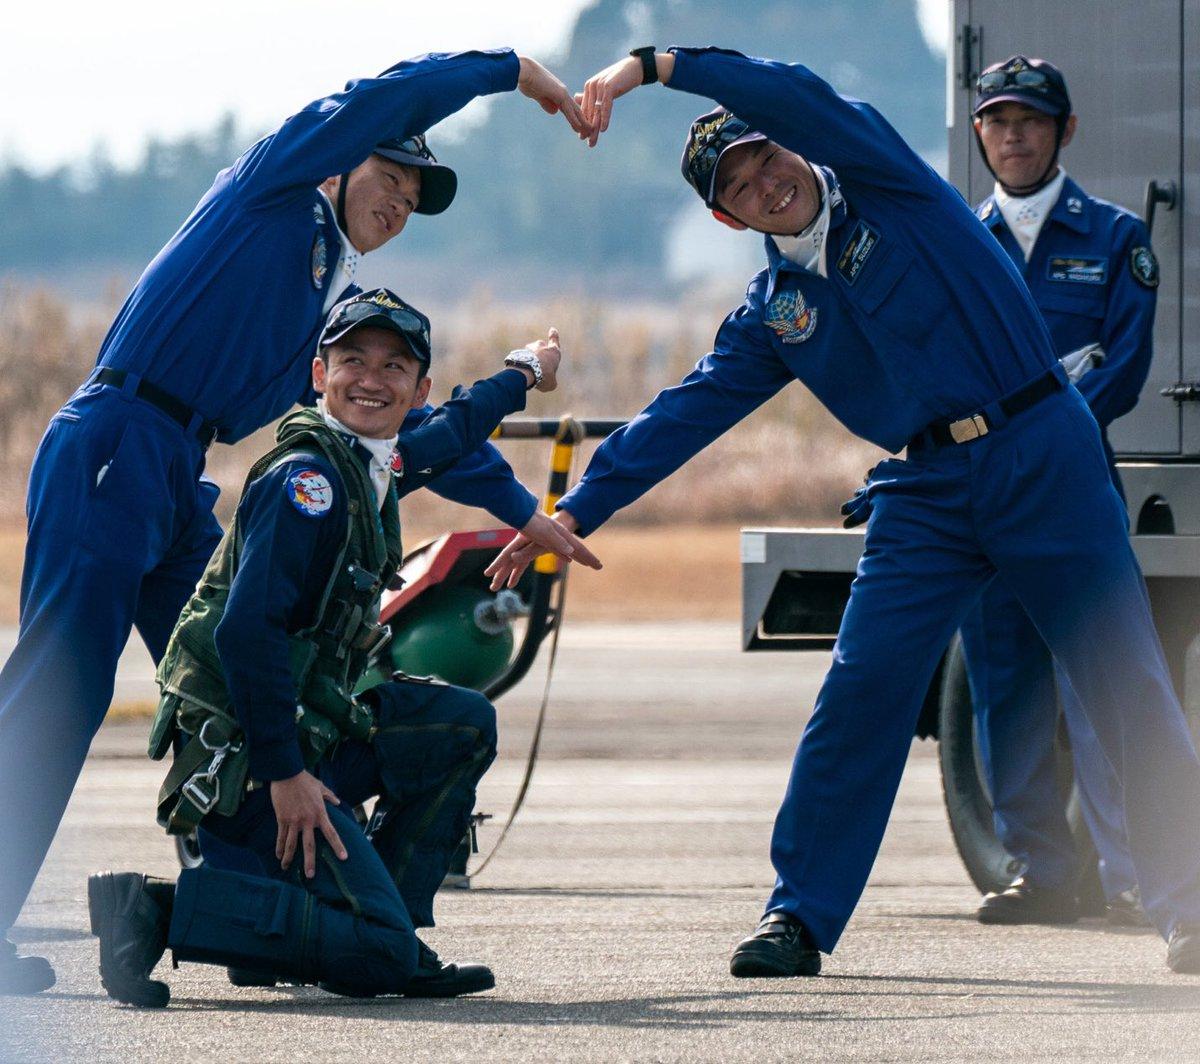 @quito_neko 飛行機も格好いいけど、中の人や整備する人も格好いいよ!